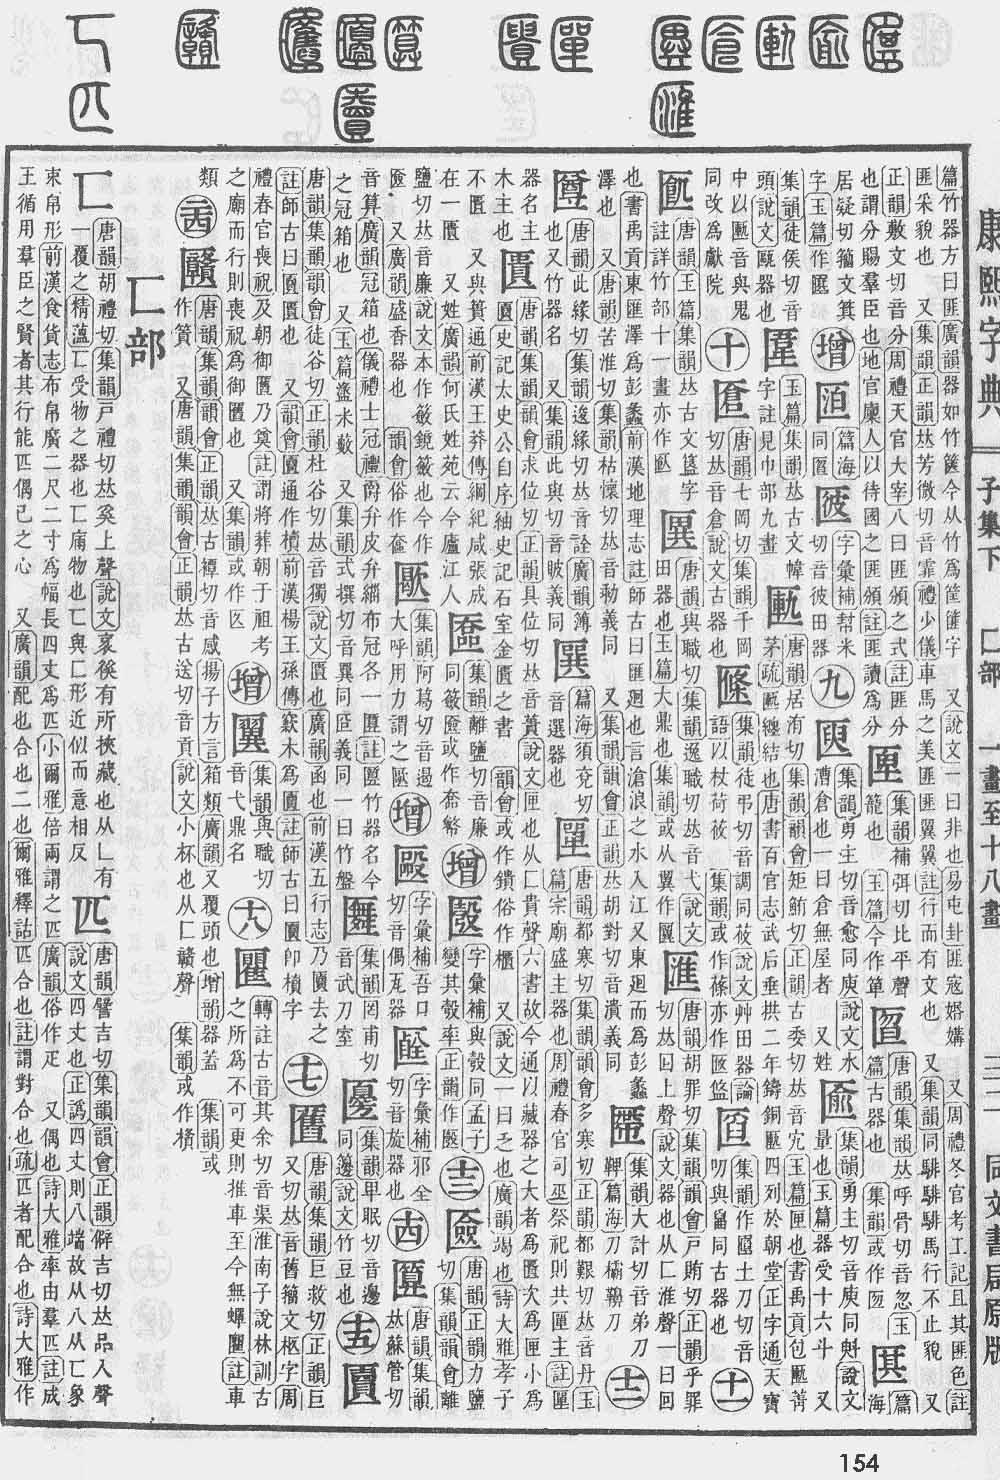 《康熙字典》第154页